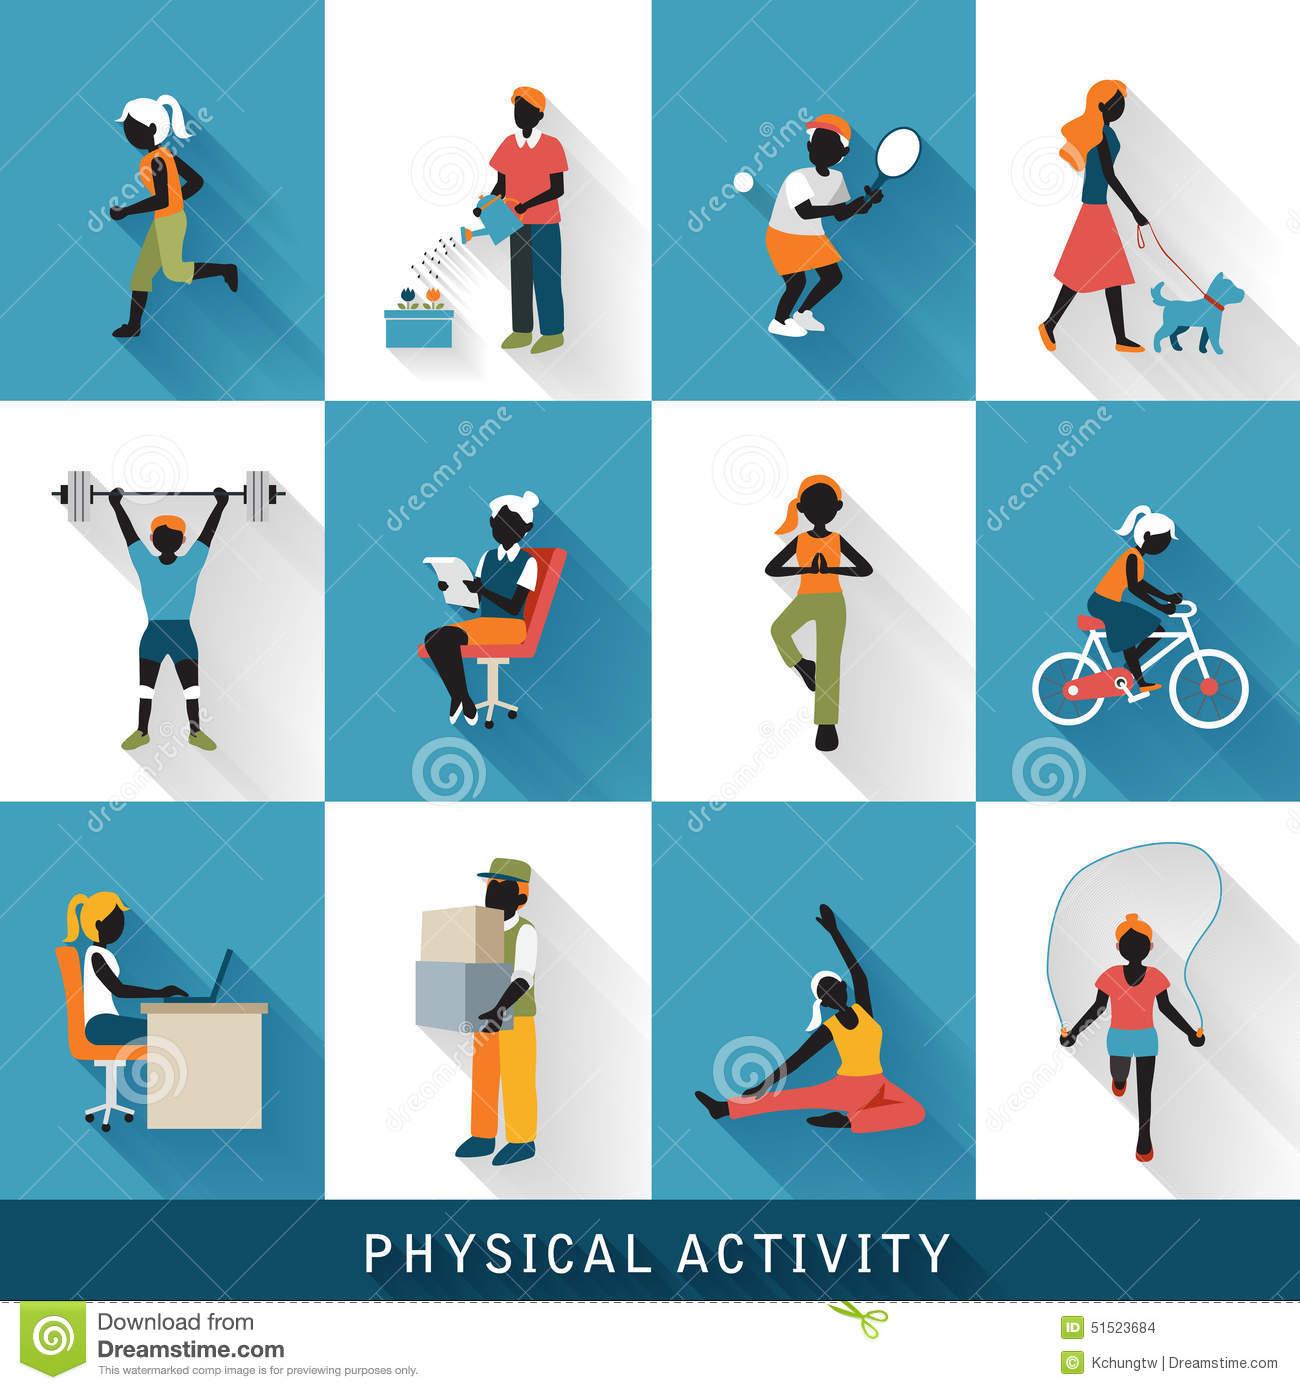 iconos-modernos-de-la-actividad-física-